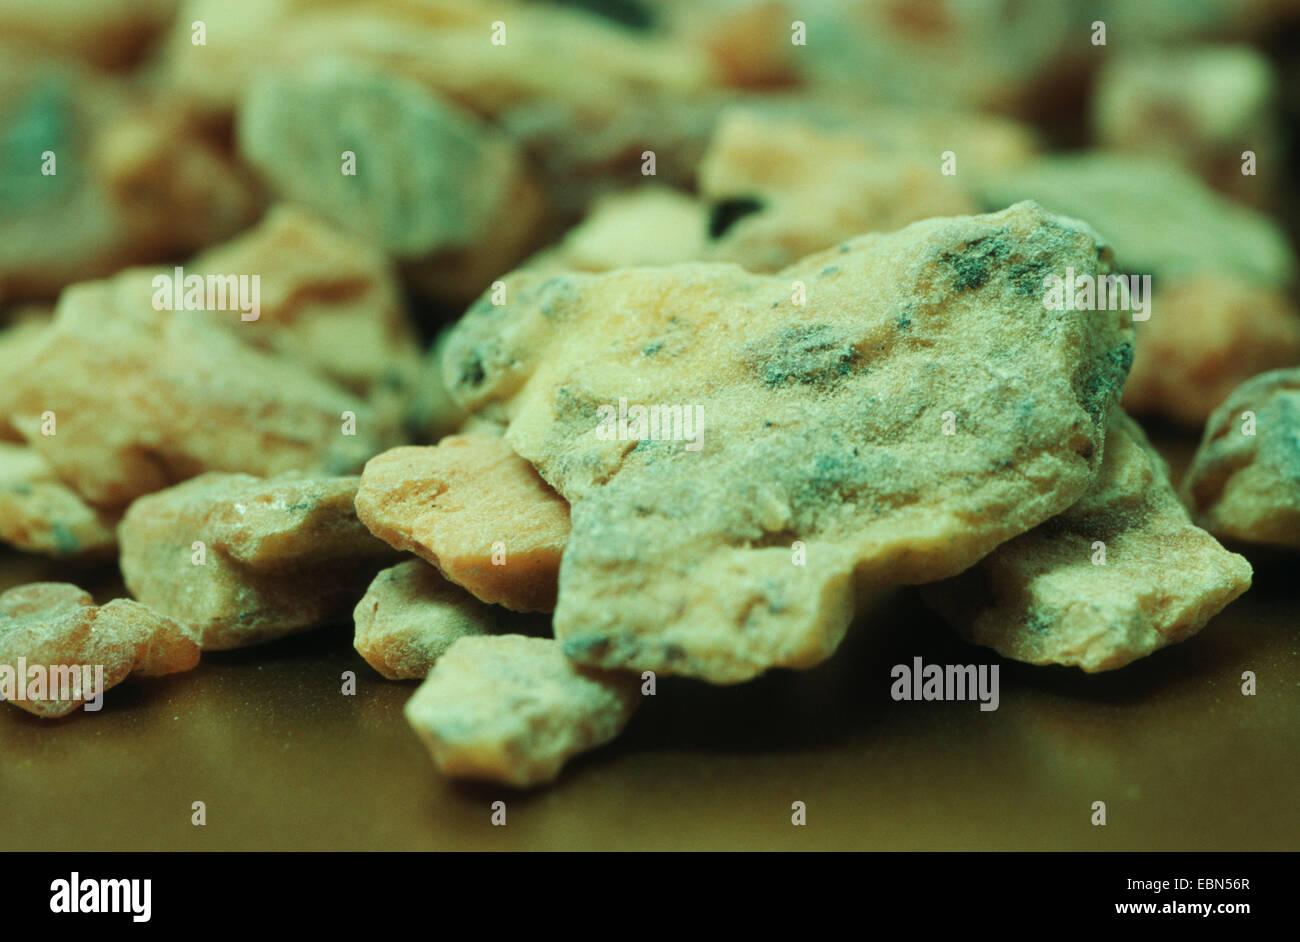 Bezoin, Benzoe Sumatra (Styrax benzoides), resin as insence - Stock Image